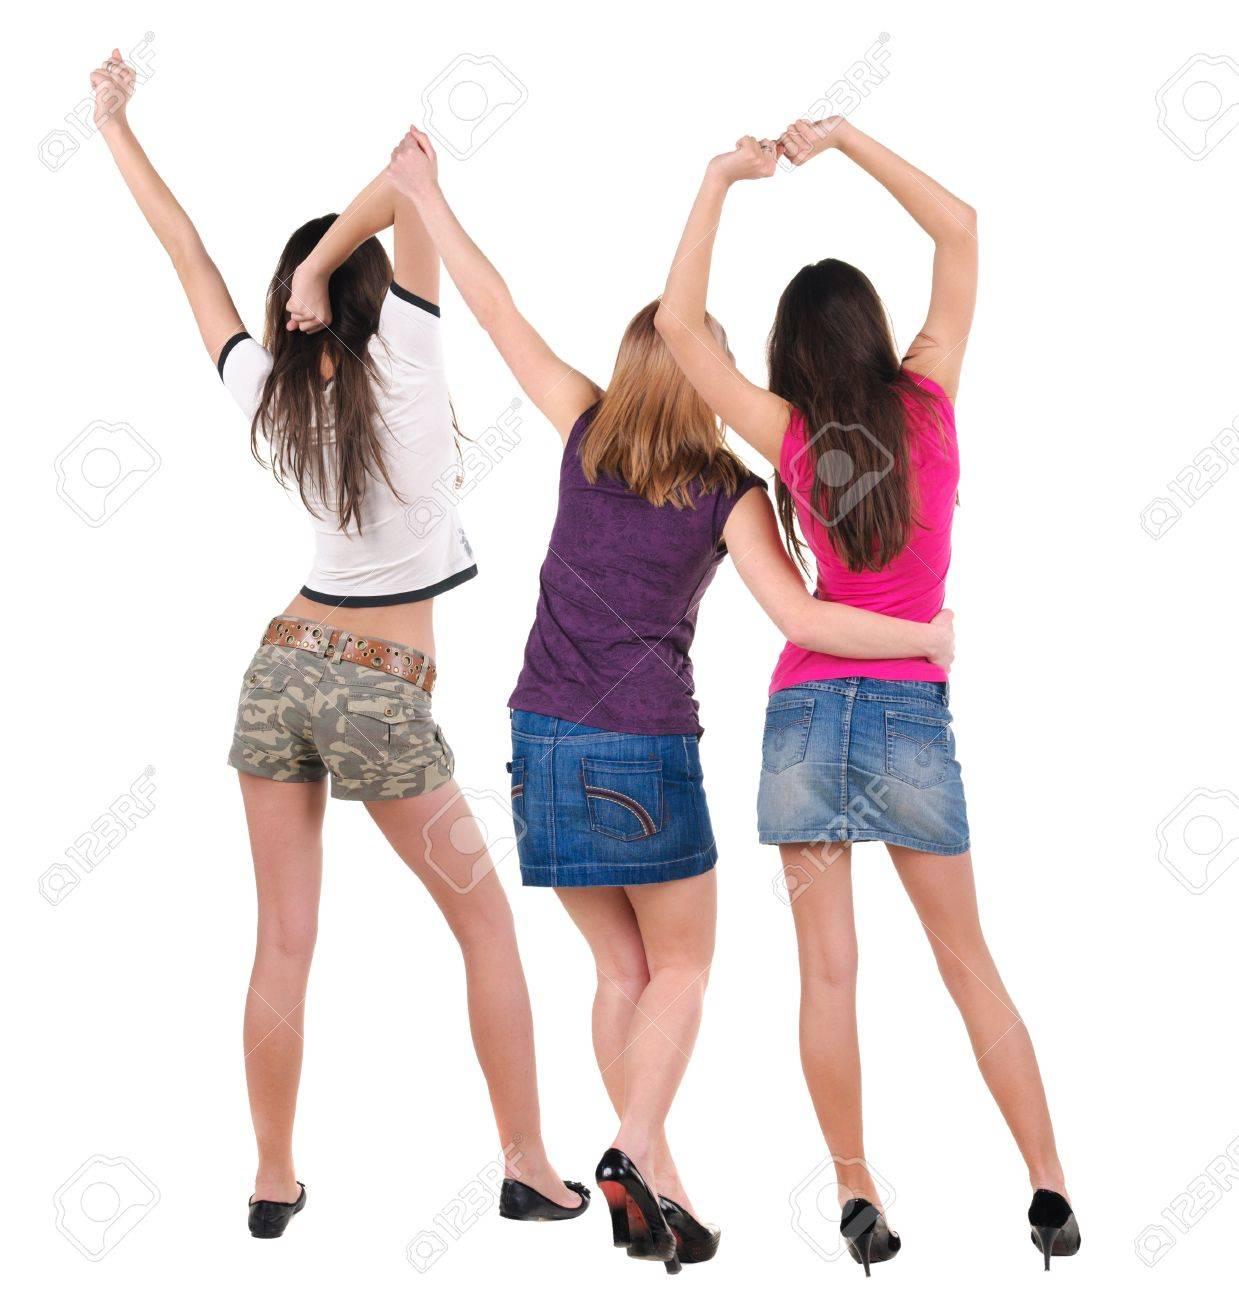 Танцующие молодые девушки 19 фотография